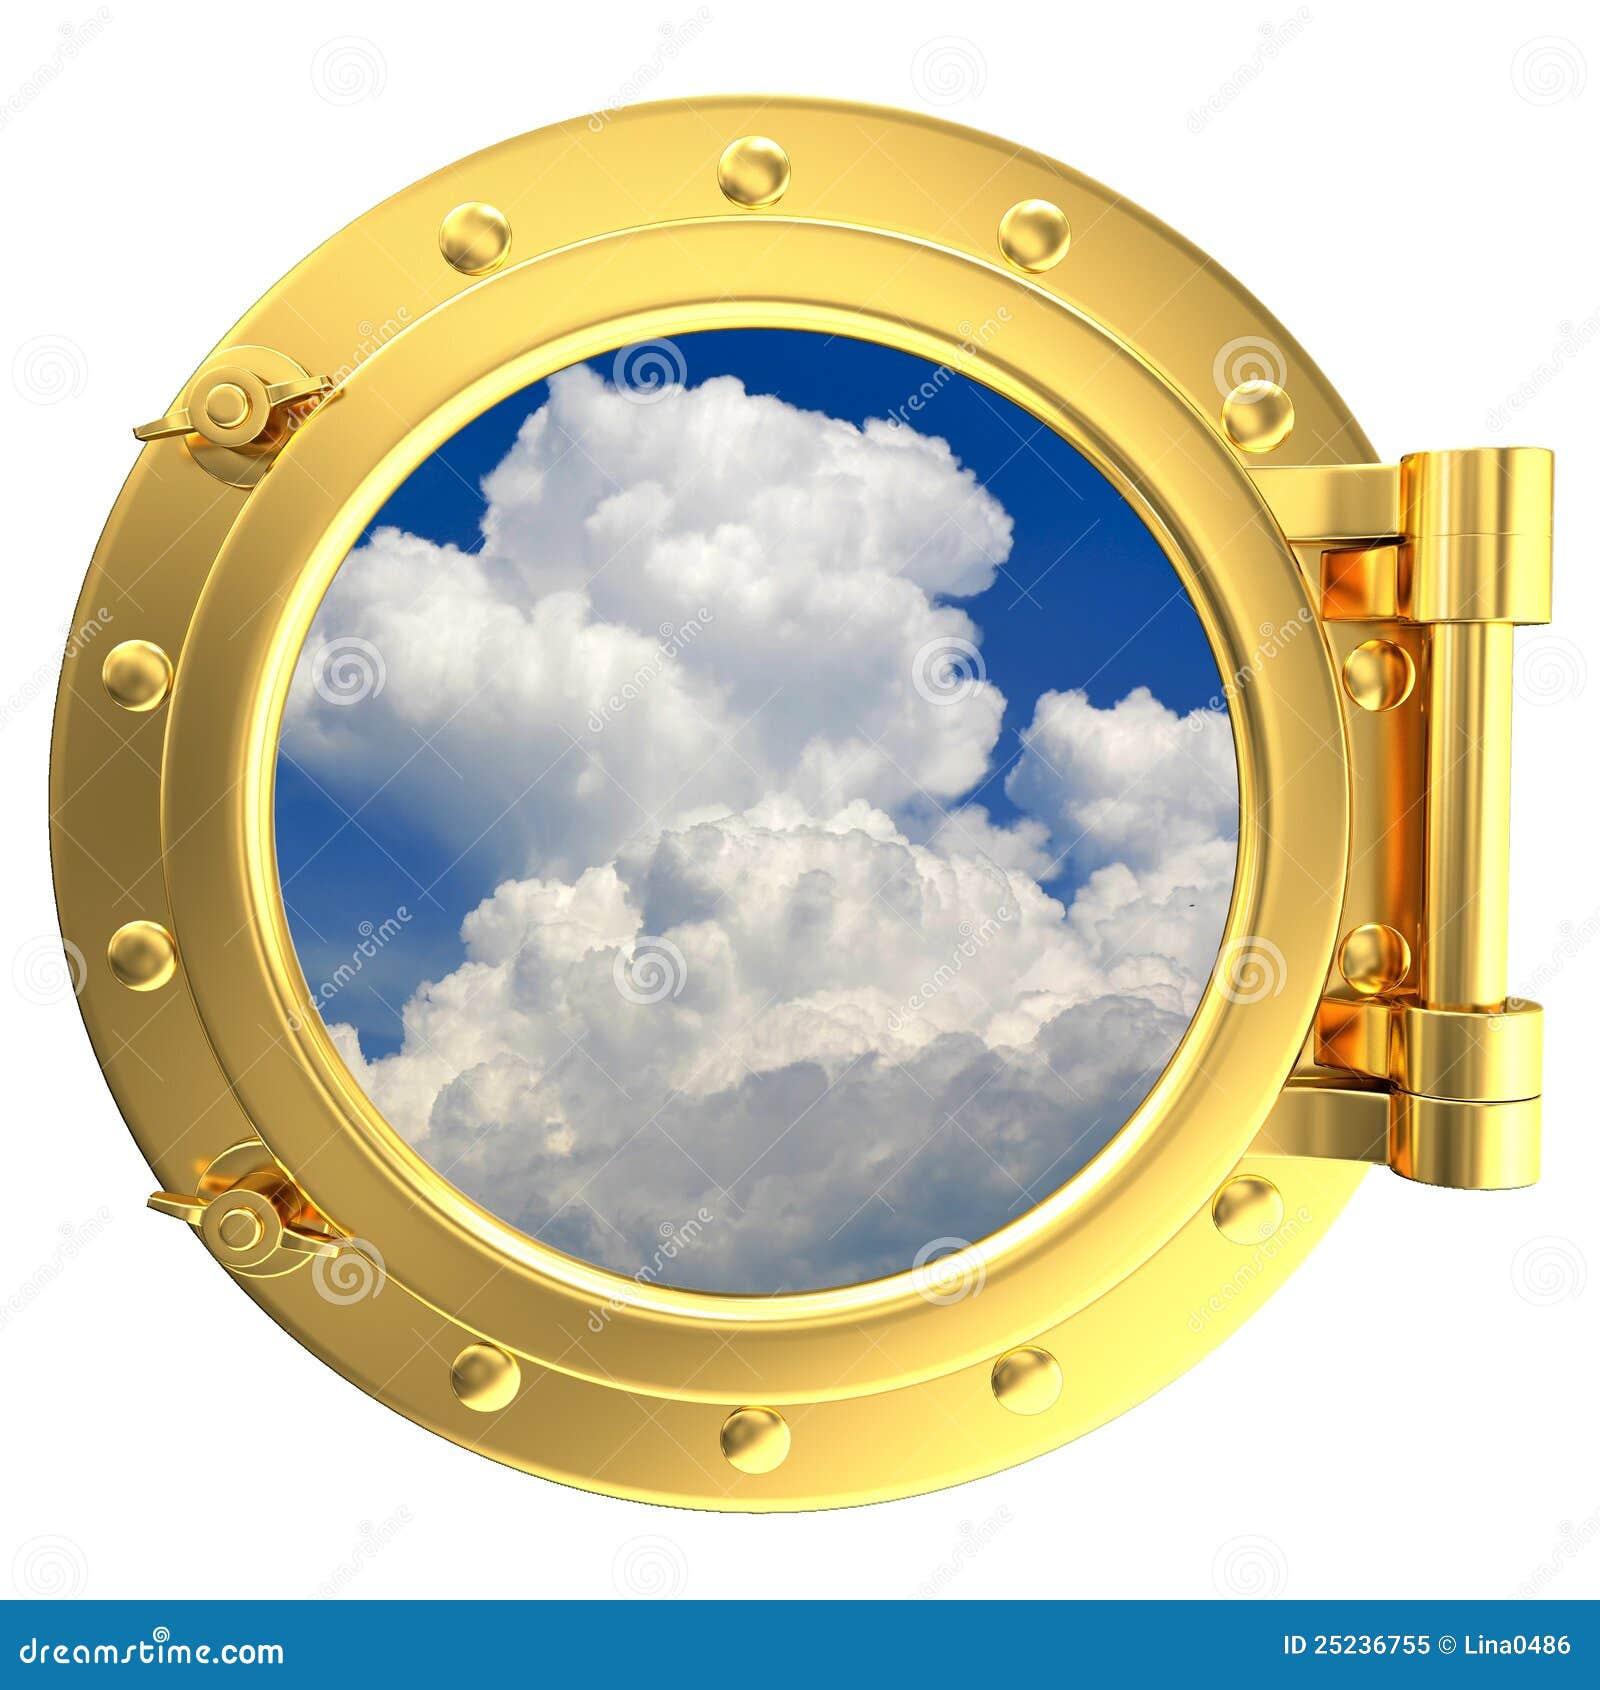 ... Of A Gold Ship Porthole Royalty Free Stock Photo - Image: 25236755